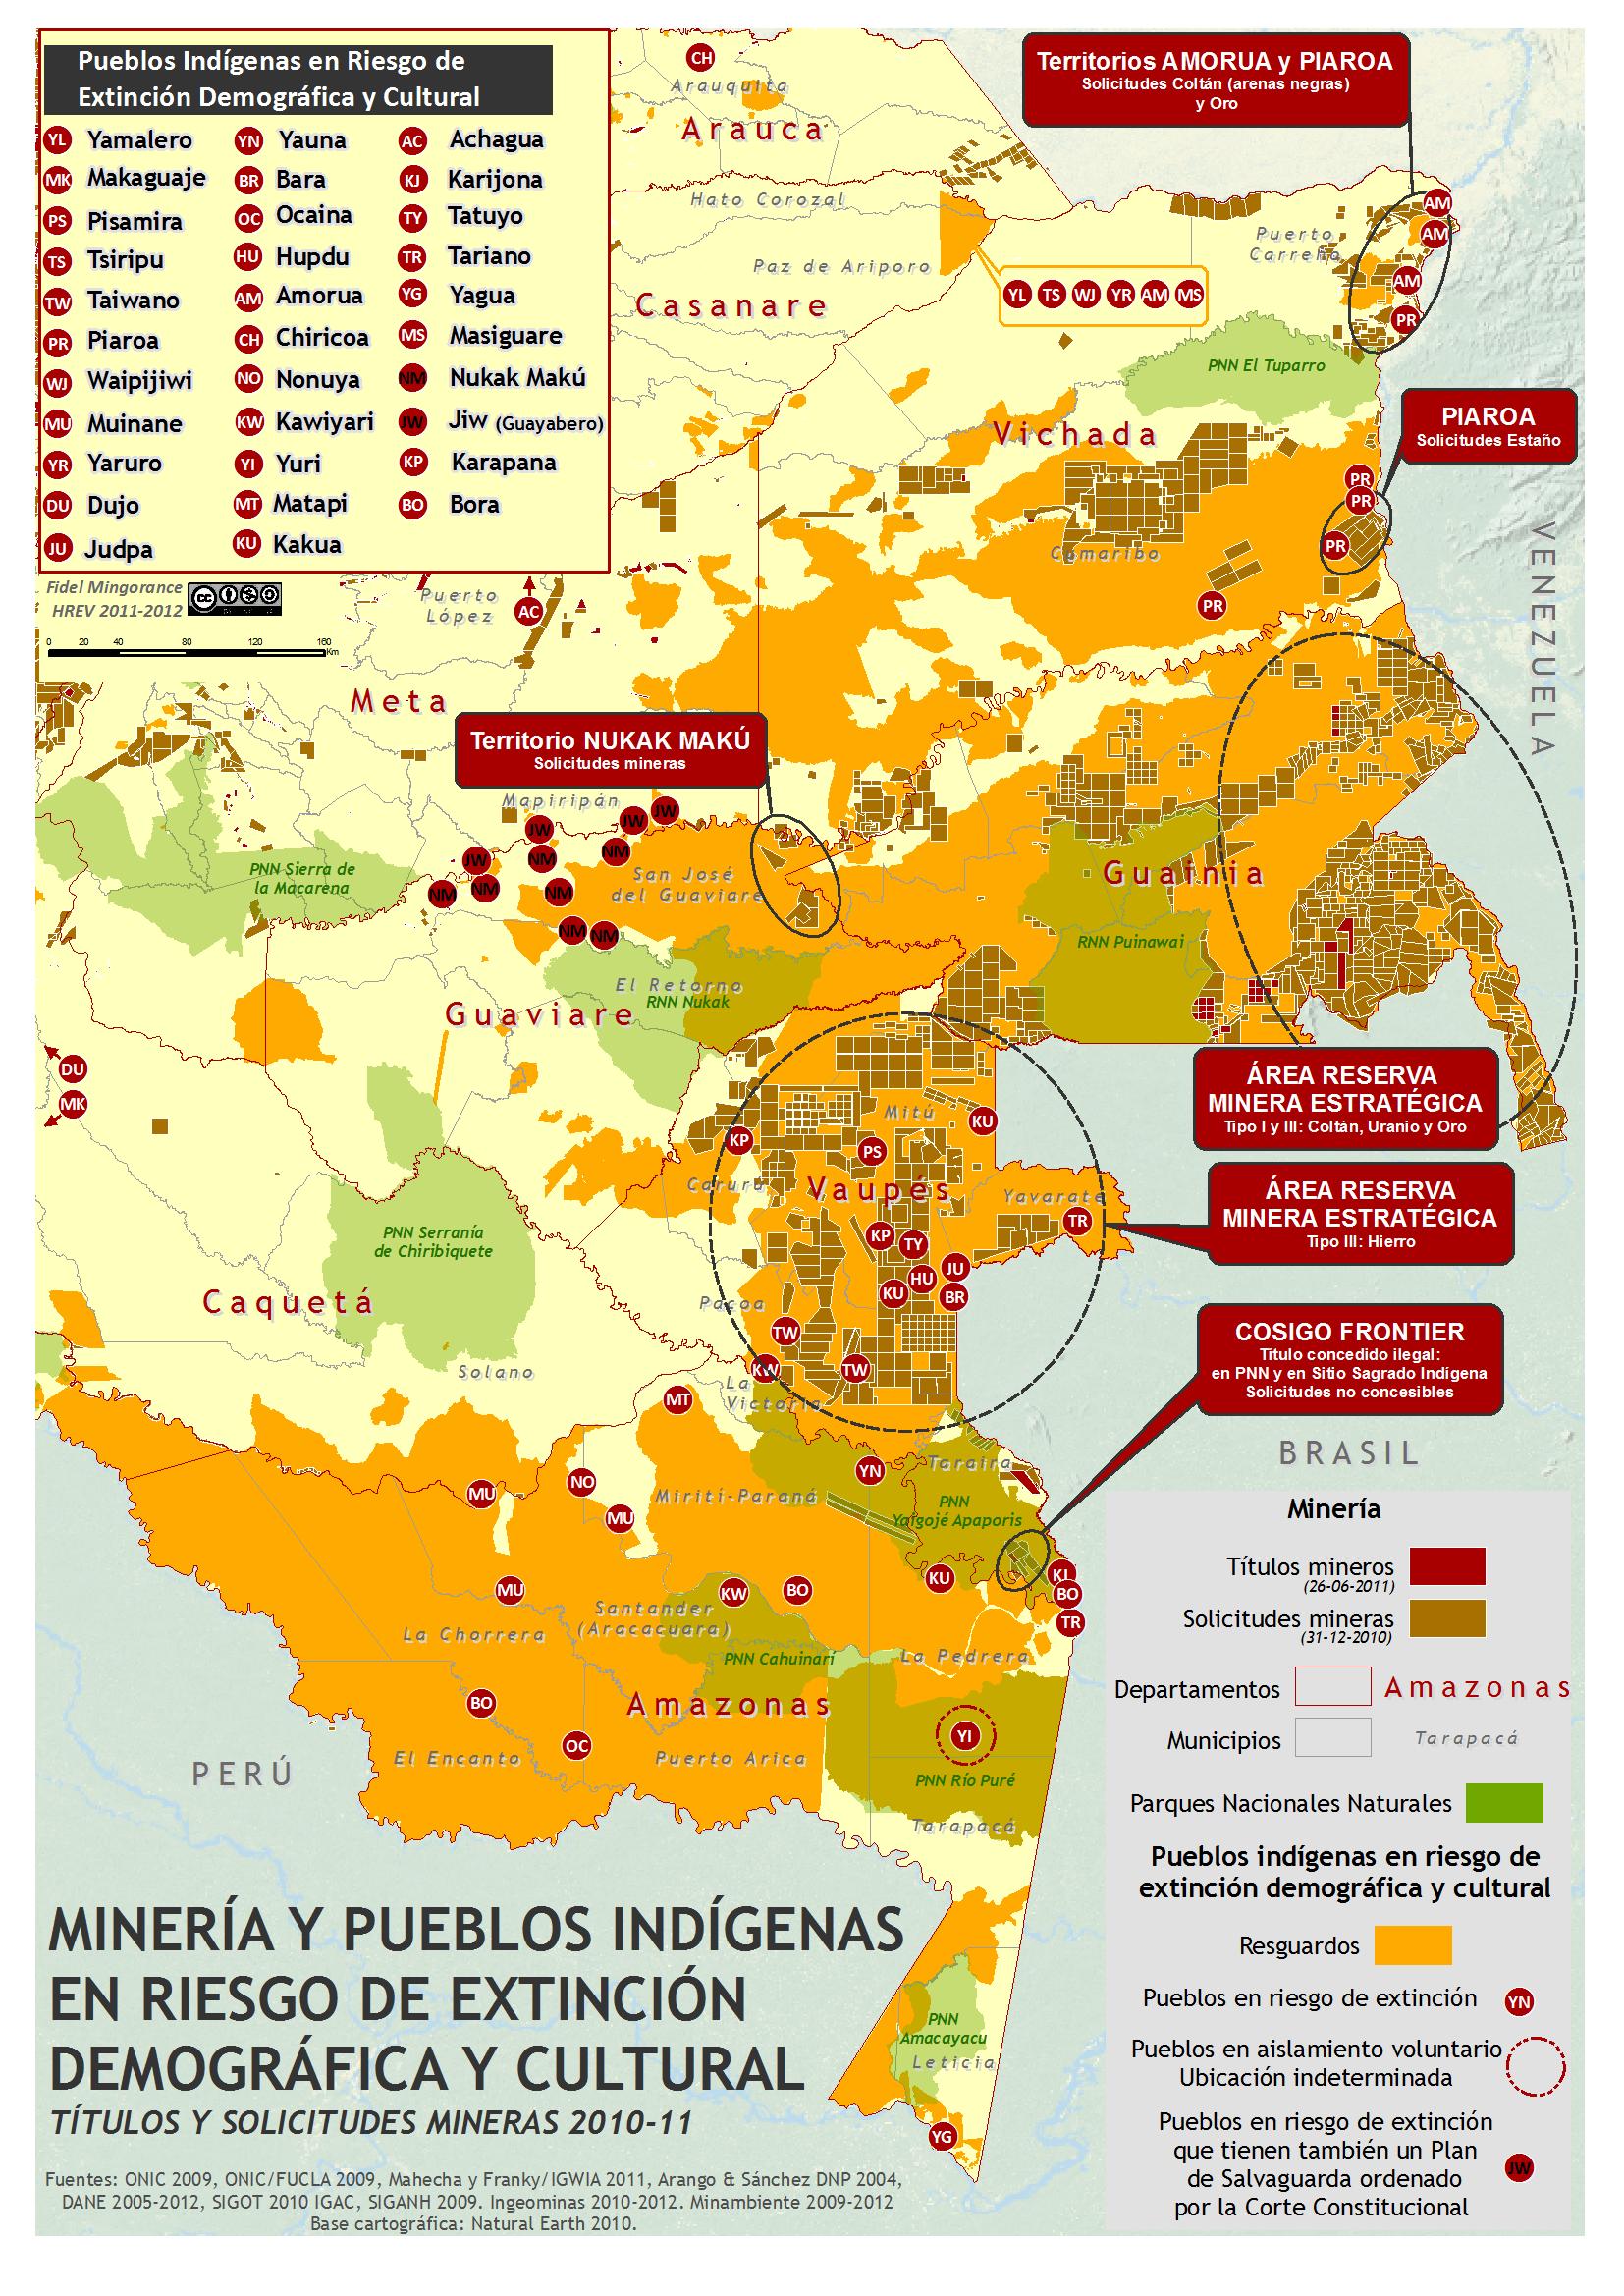 Pueblos indígenas en riesgo y minería (oro+uranio+coltan=…)